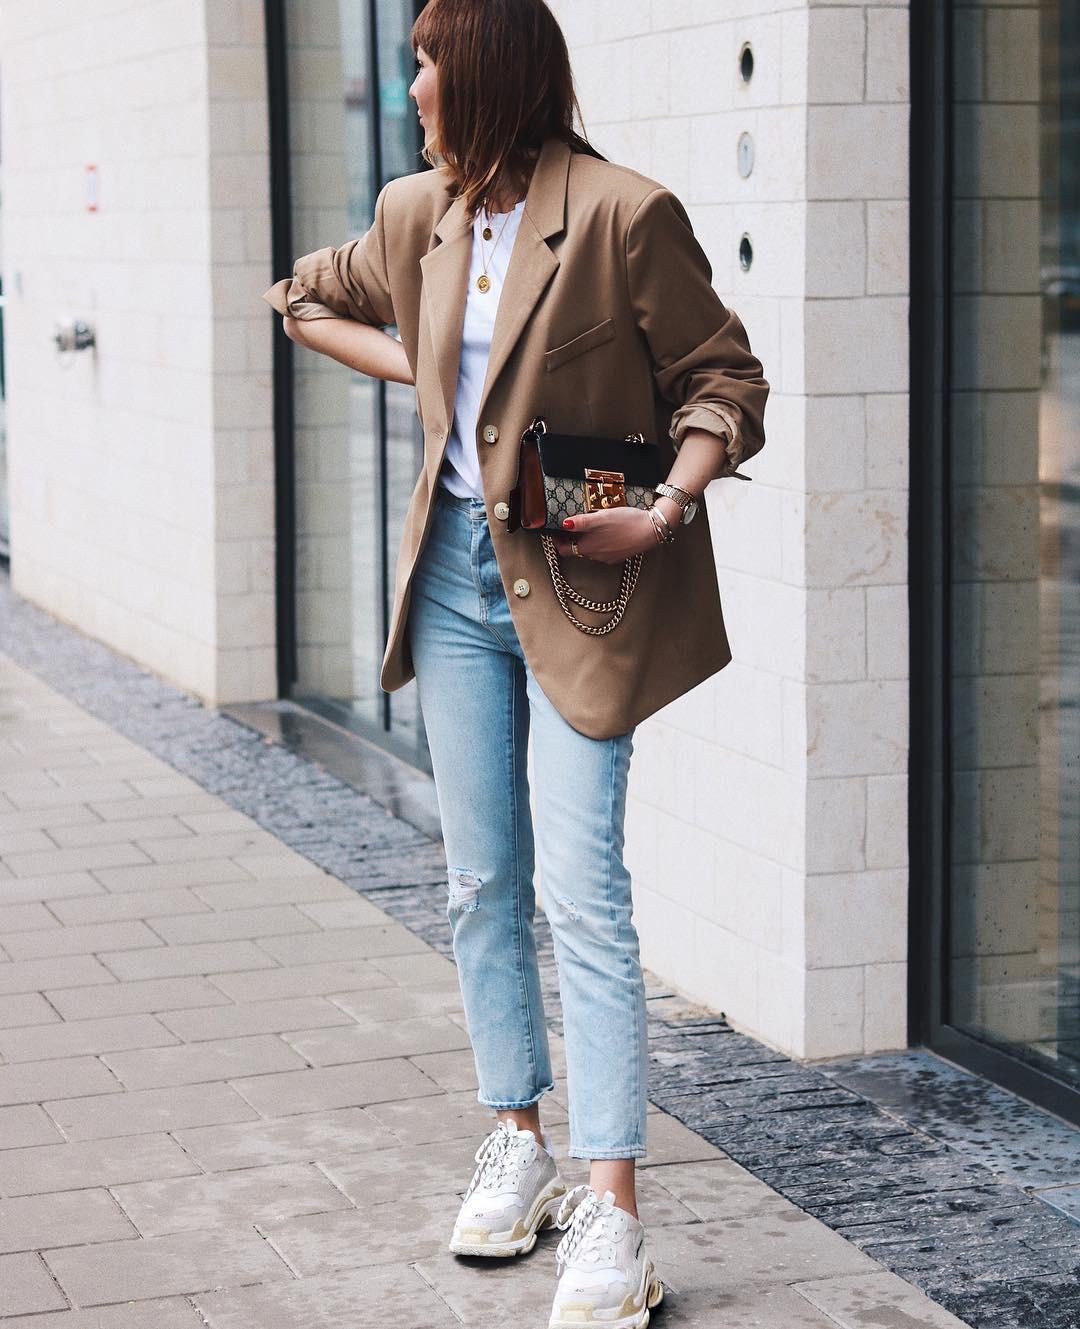 Мужской стиль давно гармонично вписался вженский гардероб. Если твоя цель подчеркнуть достоинства или скрыть недостатки фигуры, то пиджак, словно смужского плеча, – лучший выбор. Благод...